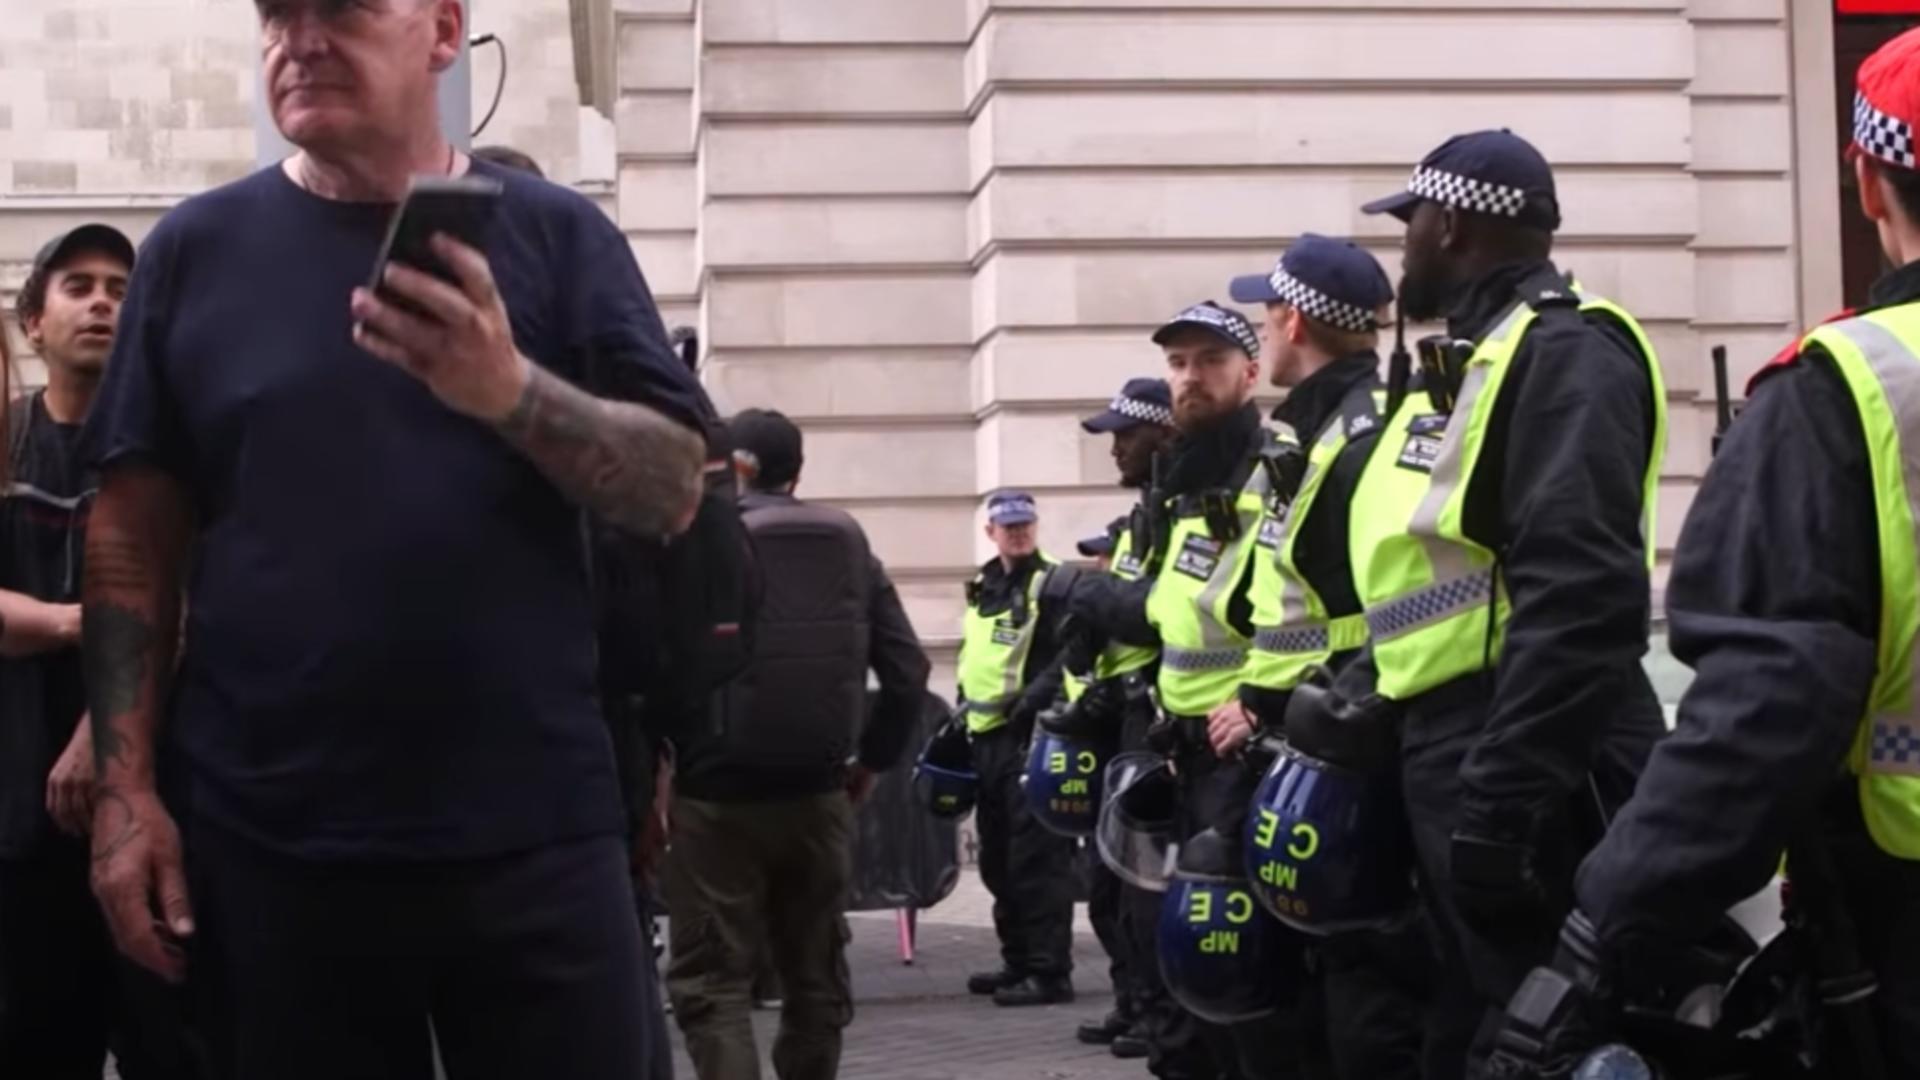 VIDEO Protest violent al antivacciniștilor, la Londra – Polițiști răniți, manifestanți arestați